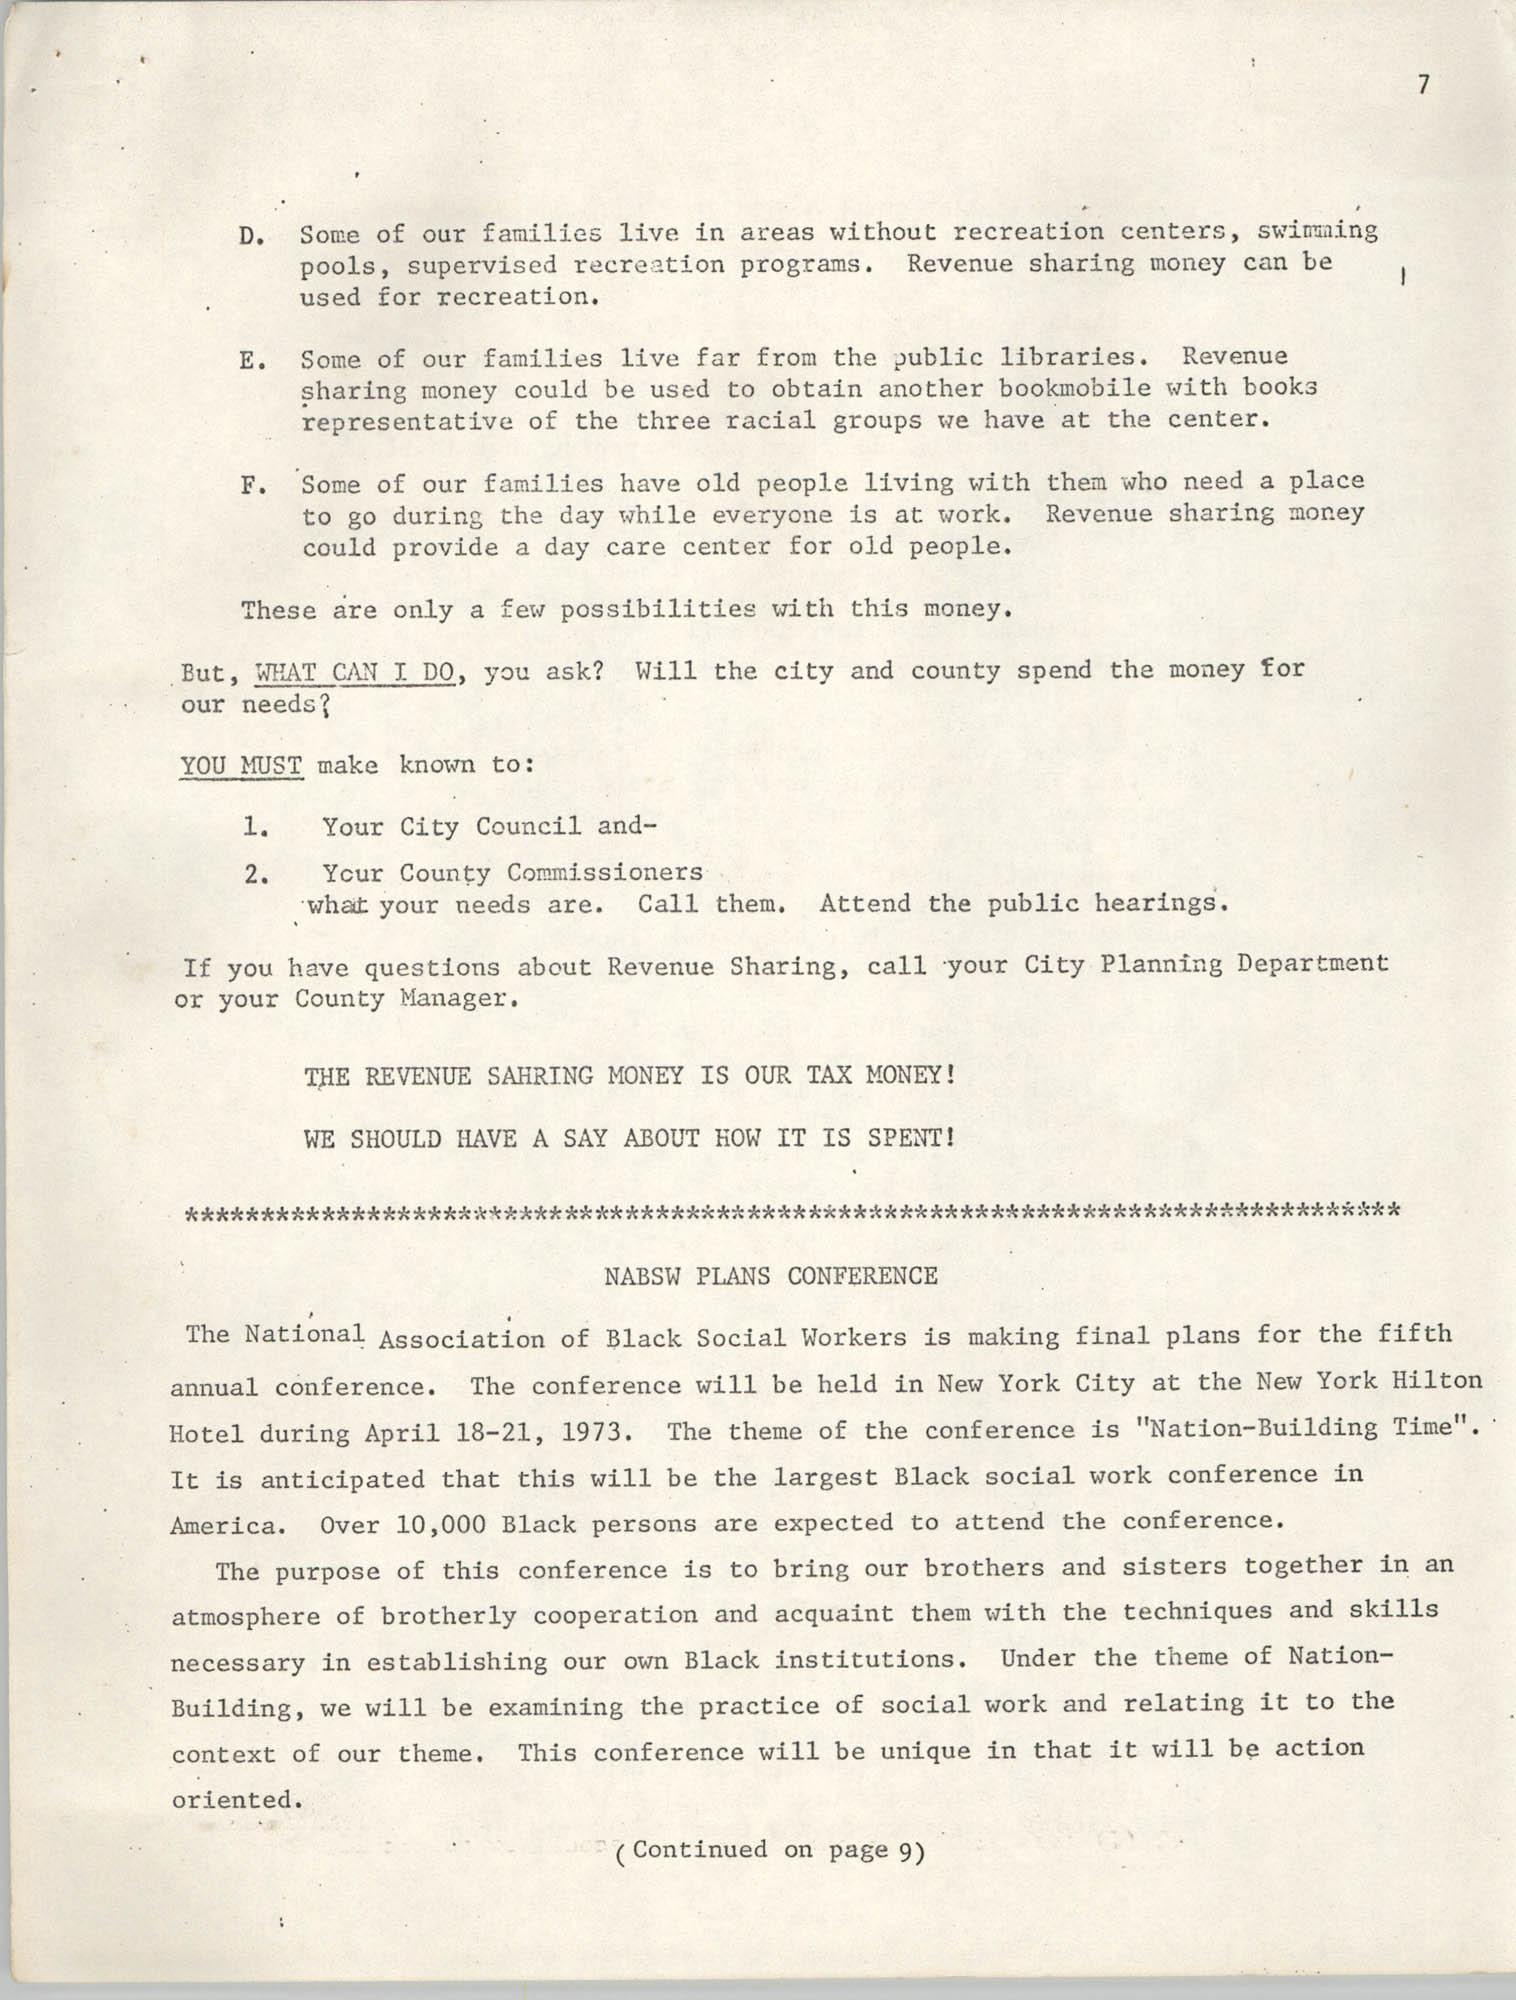 SHARE, Volume I, Number 8, April 1973, Page 7